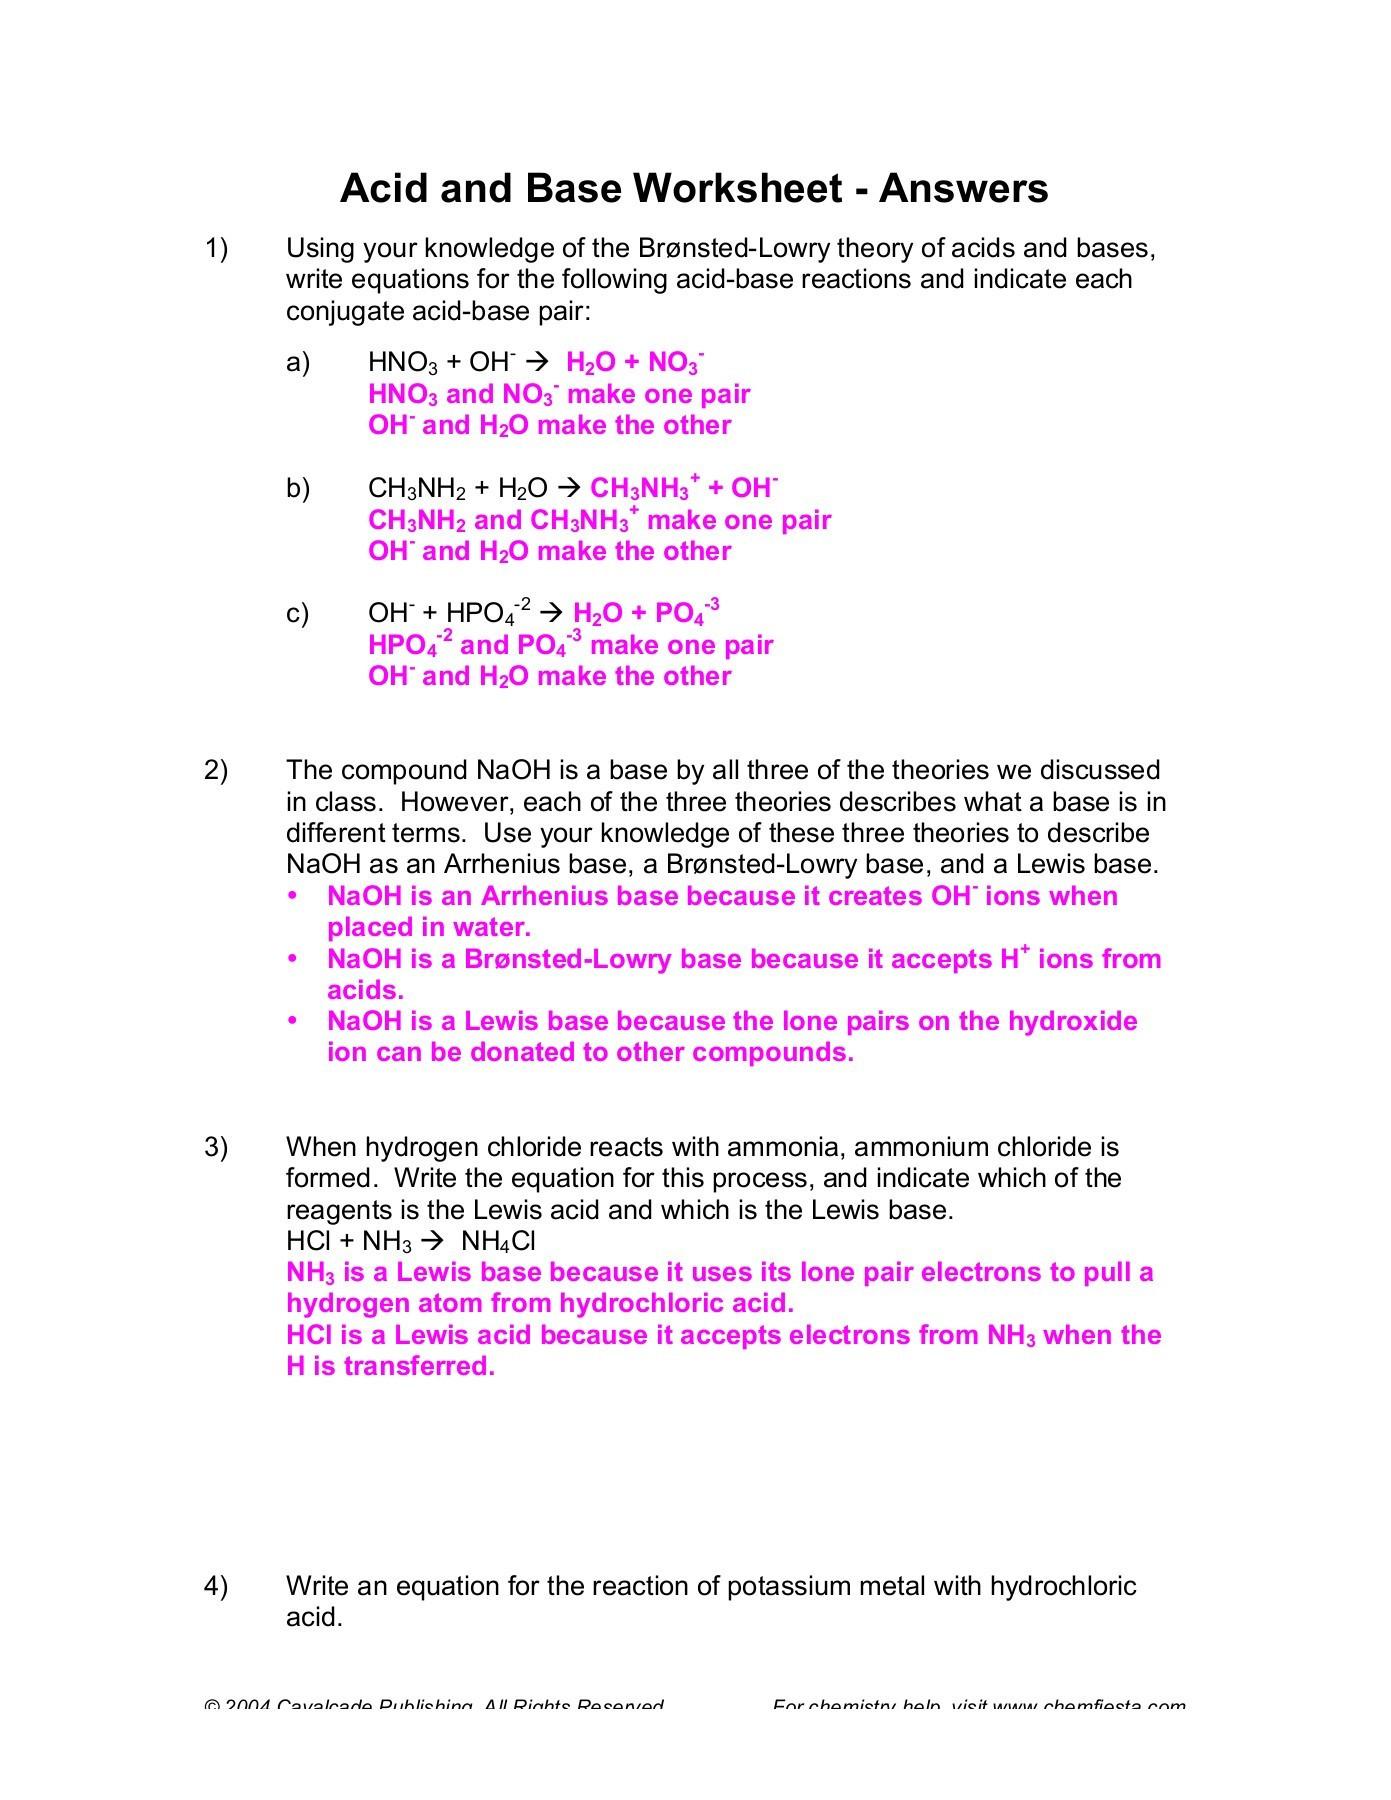 30 Acid And Base Worksheet Answers